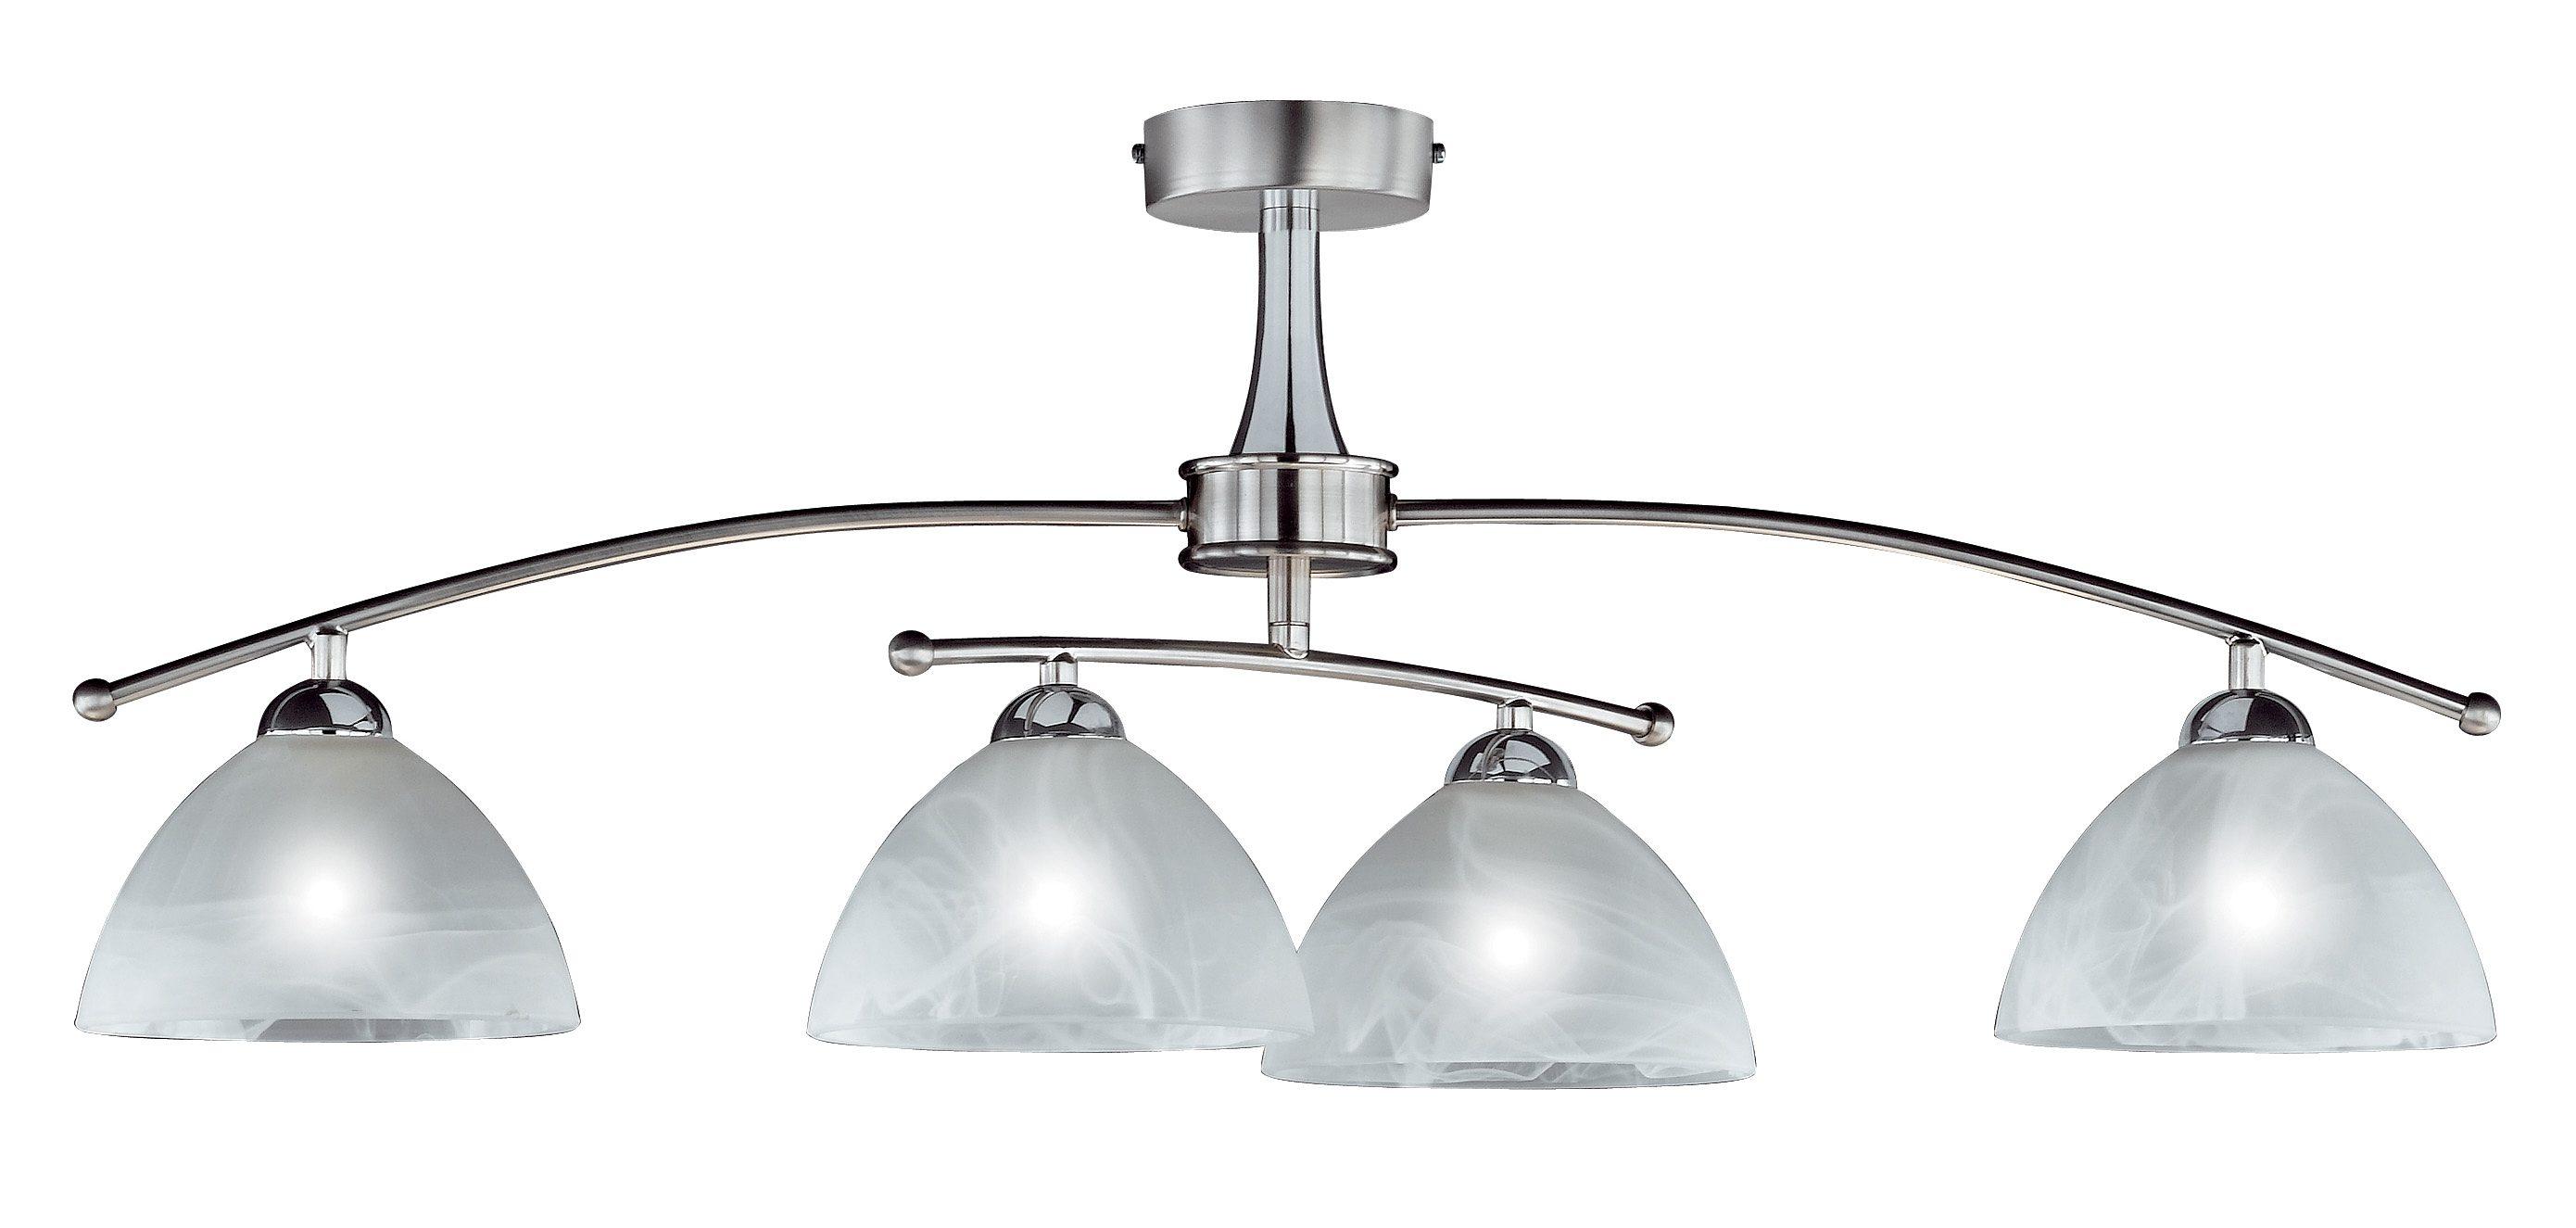 FISCHER & HONSEL Deckenleuchte Prestige, E14, Deckenlampe